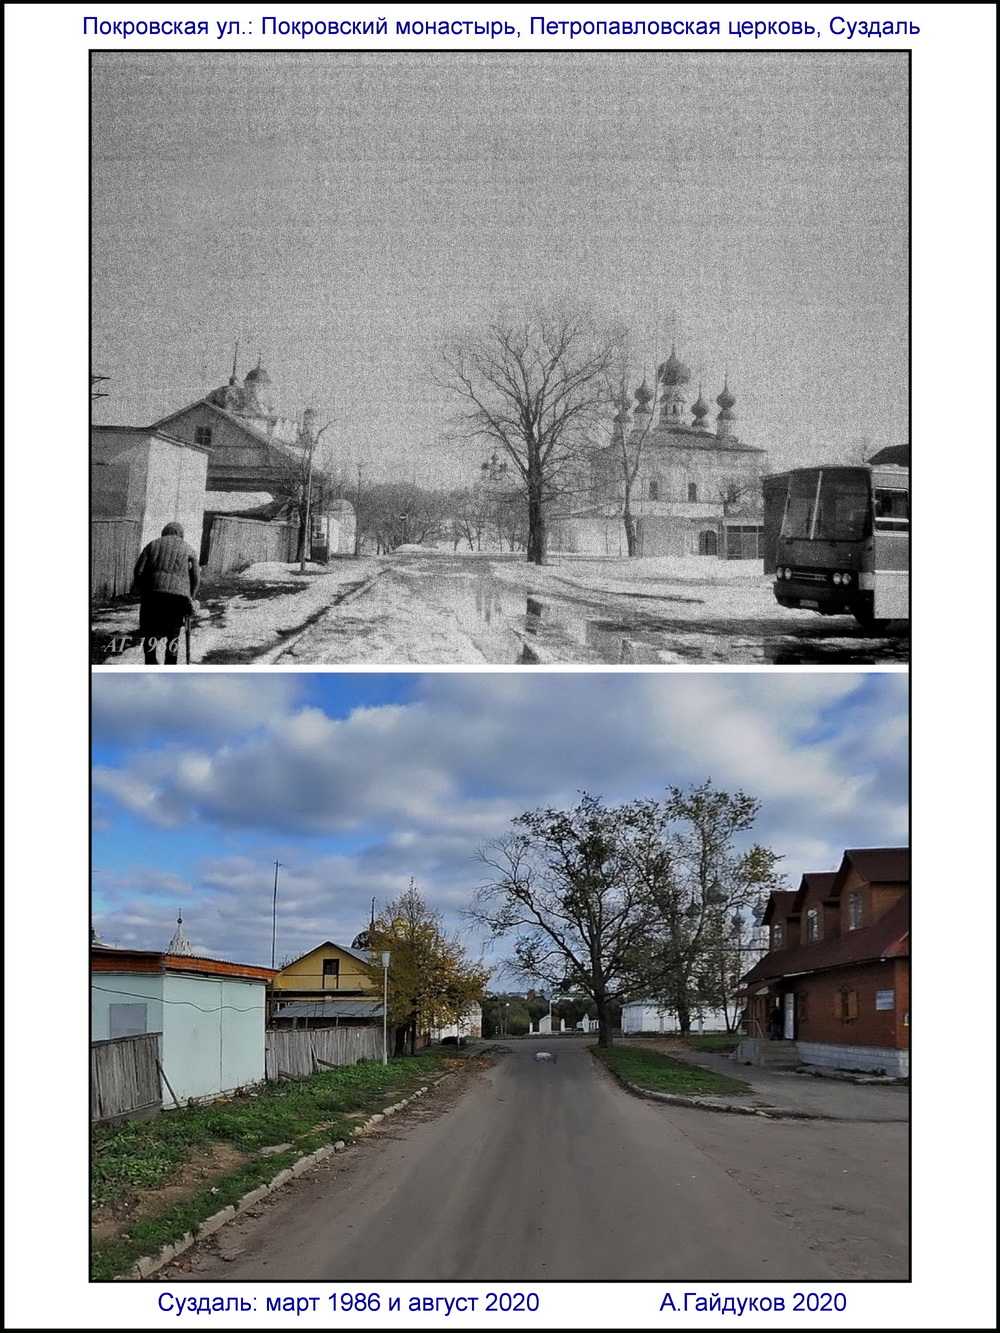 Два взгляда на Суздаль с перерывом в треть века 1986 и 2020  Вид на Покровский монастырь и Петропавловскую церковь